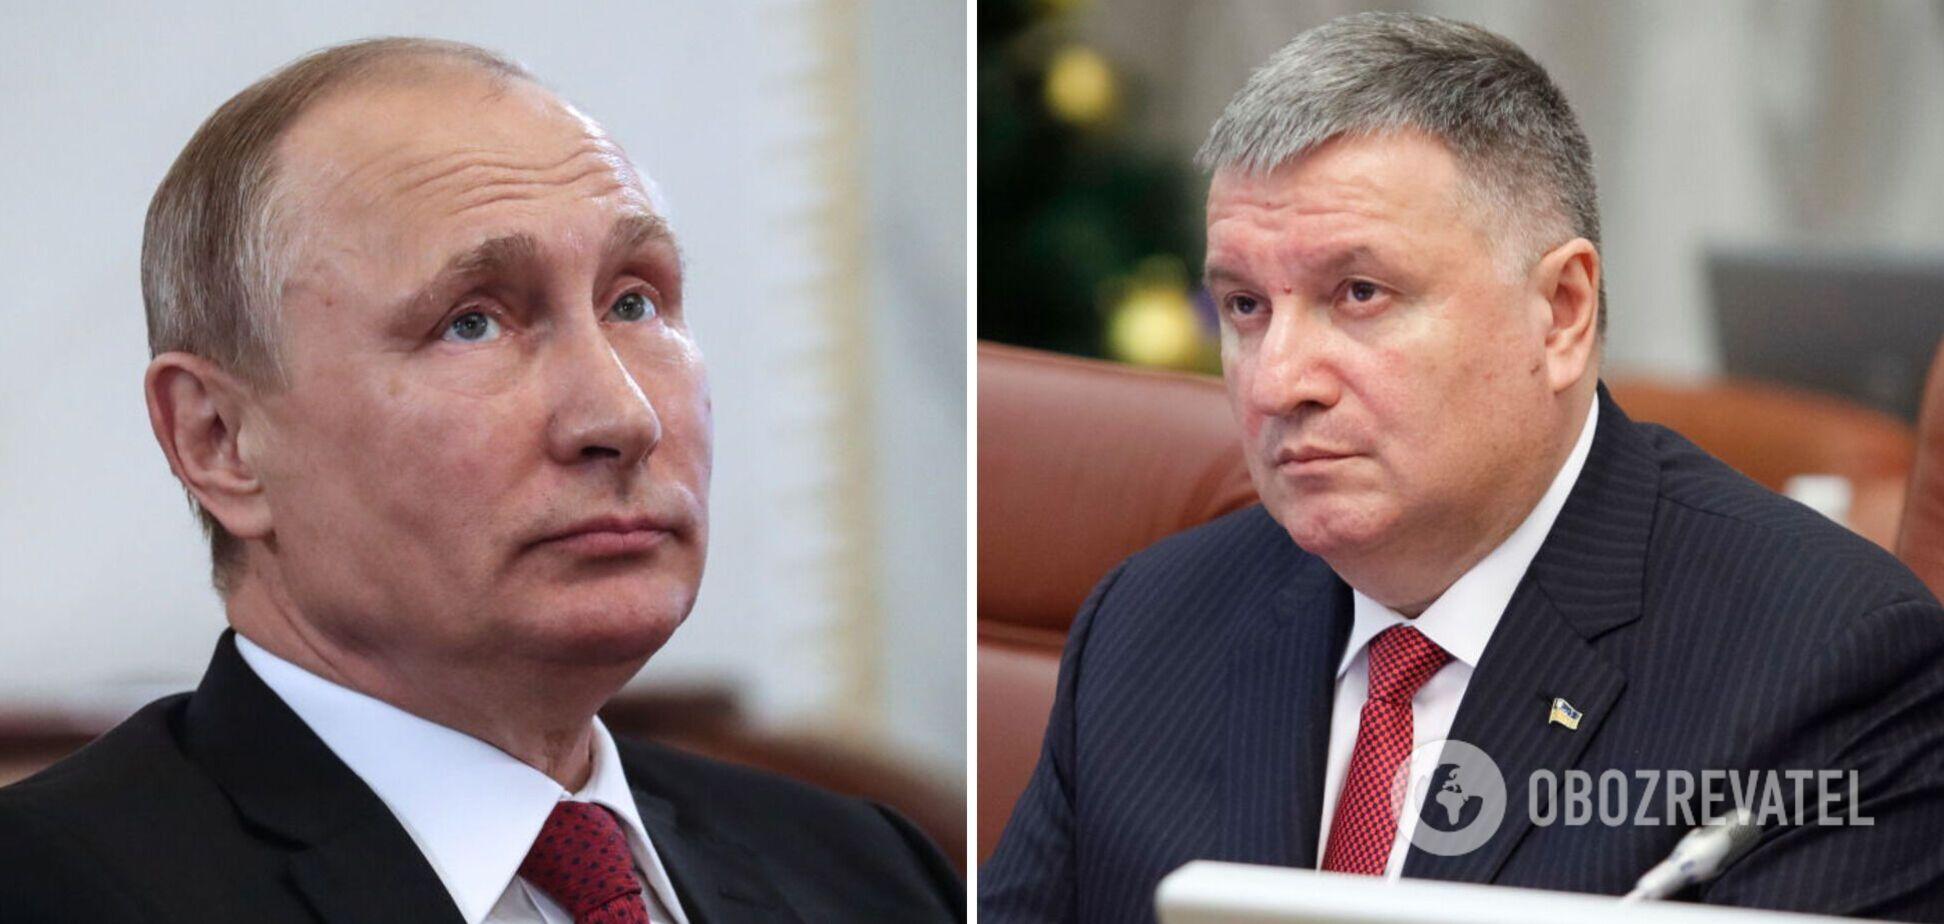 Очільник МВС Арсен Аваков розповів про зустріч з президентом РФ Володимиром Путіним